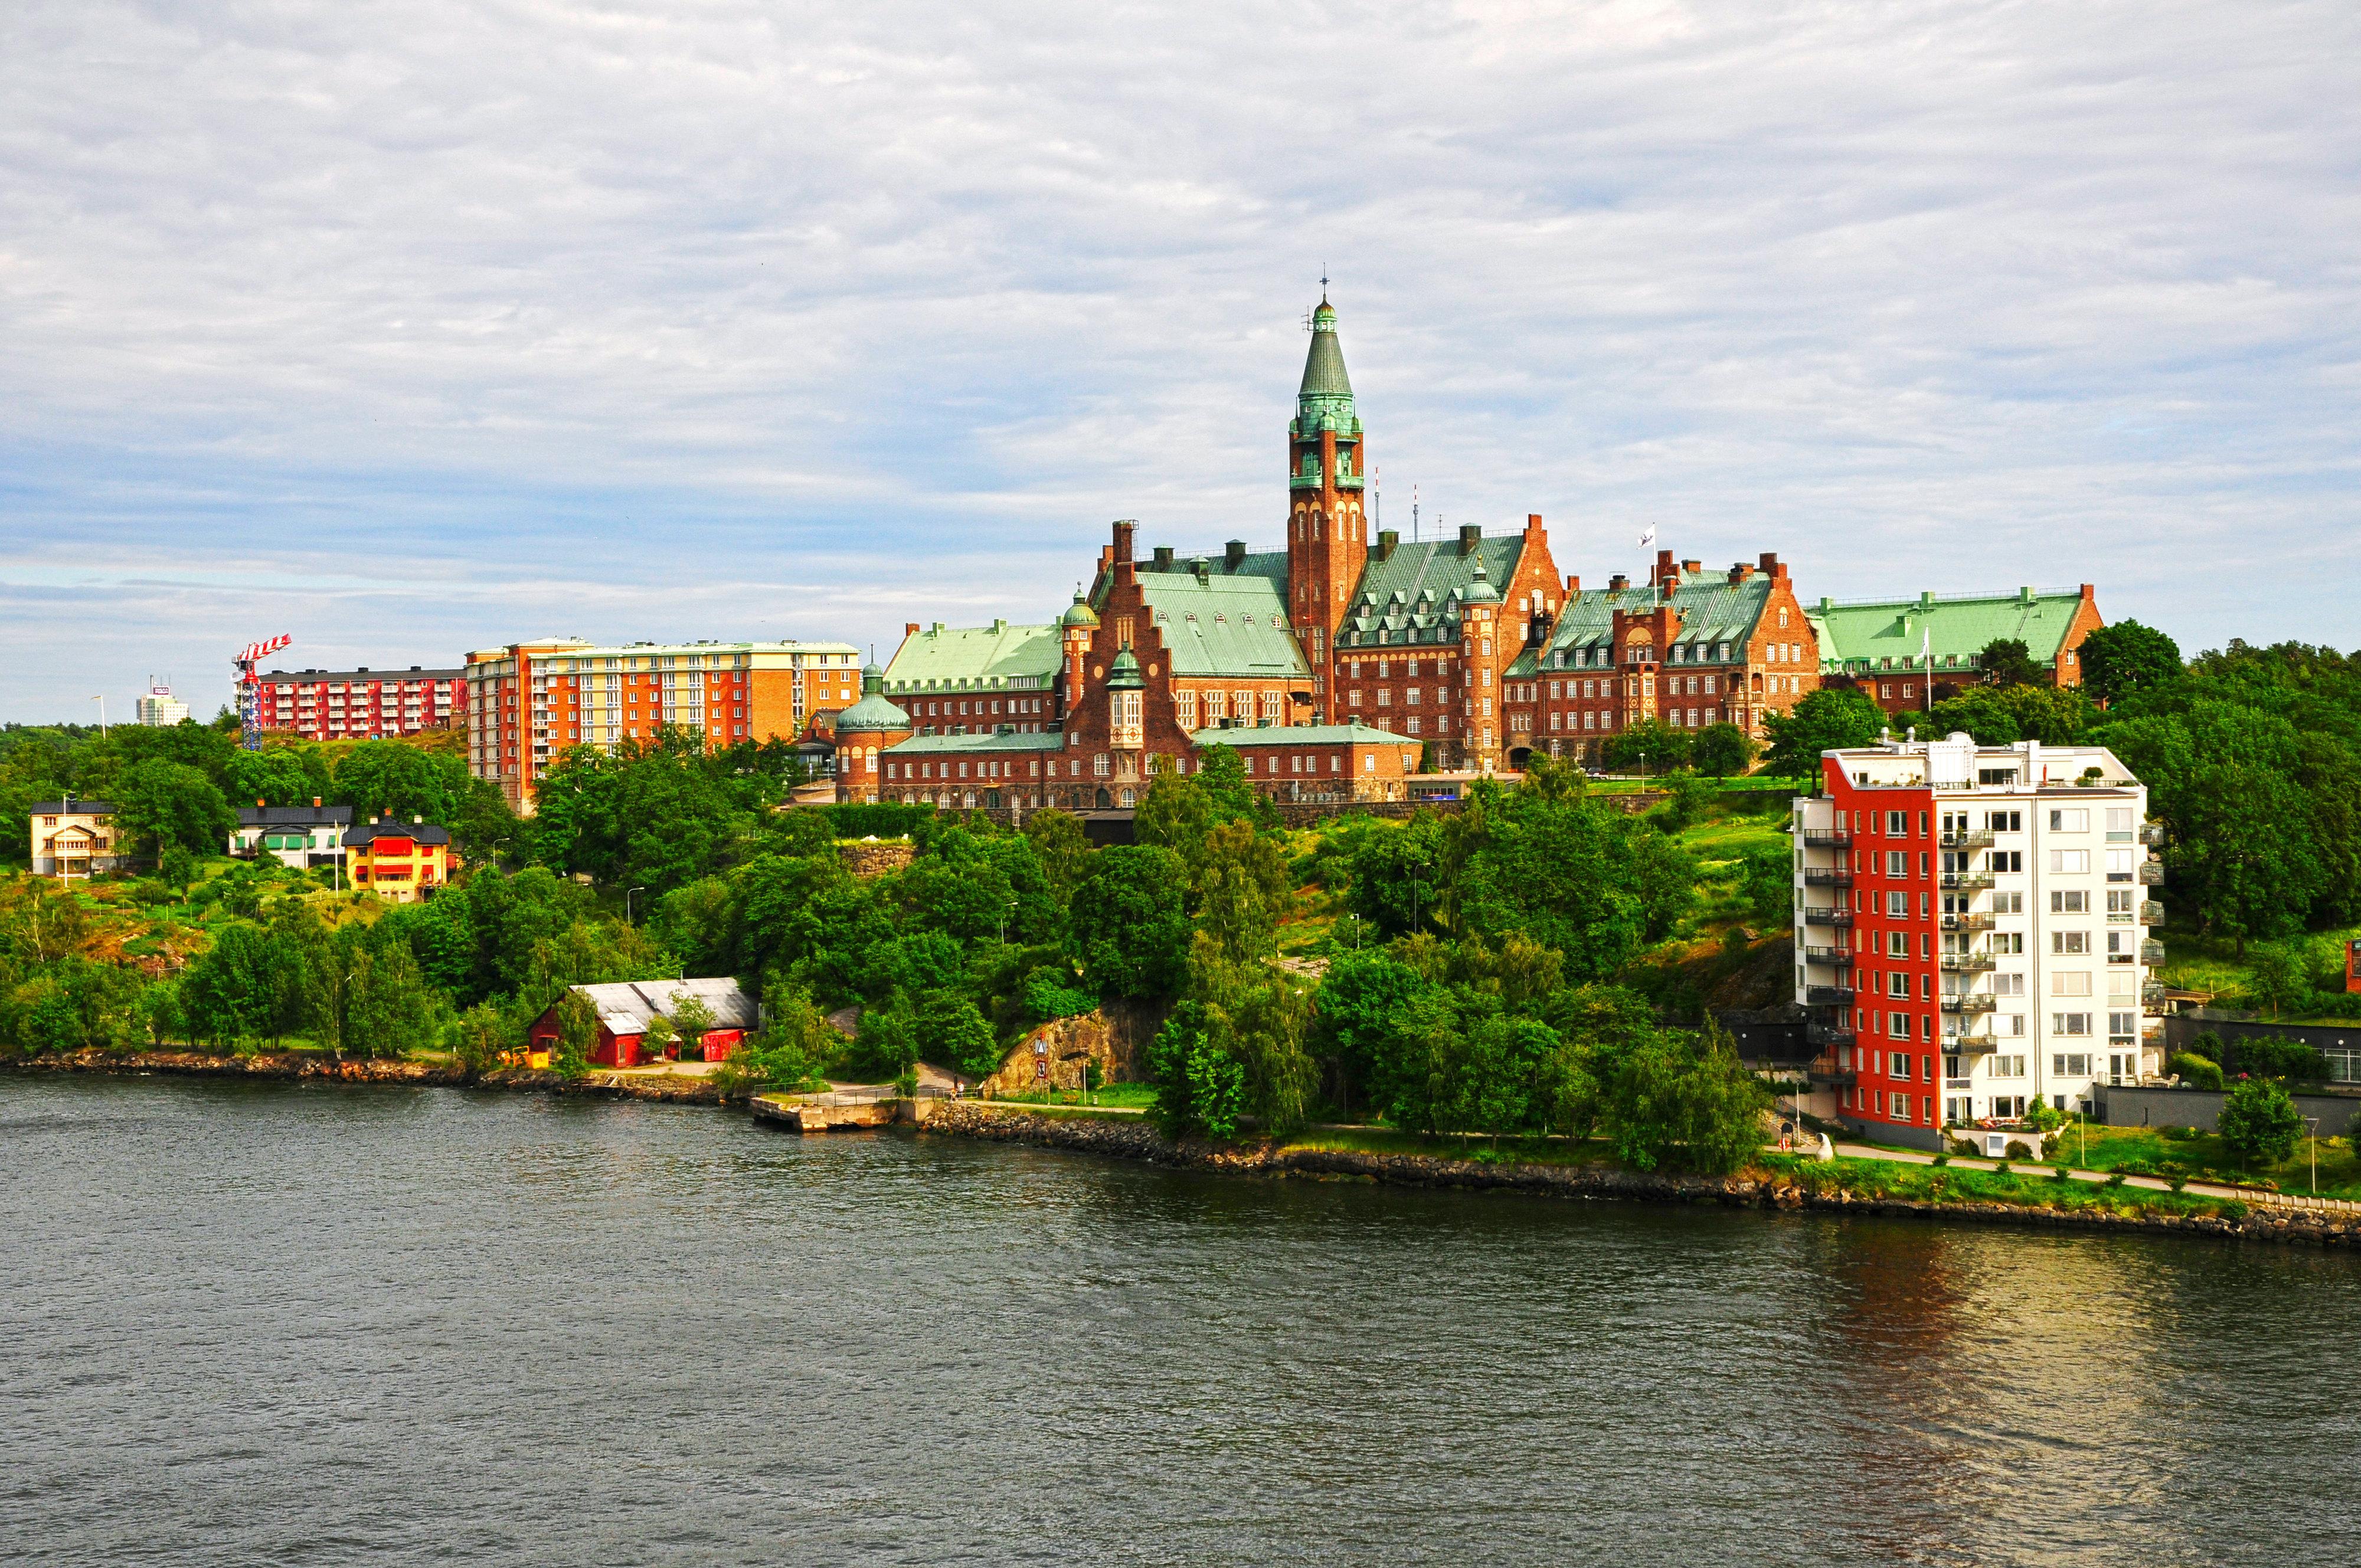 瑞典斯德哥尔摩 挪威奥斯陆5-30日自由行·斯德哥尔摩进奥斯陆出